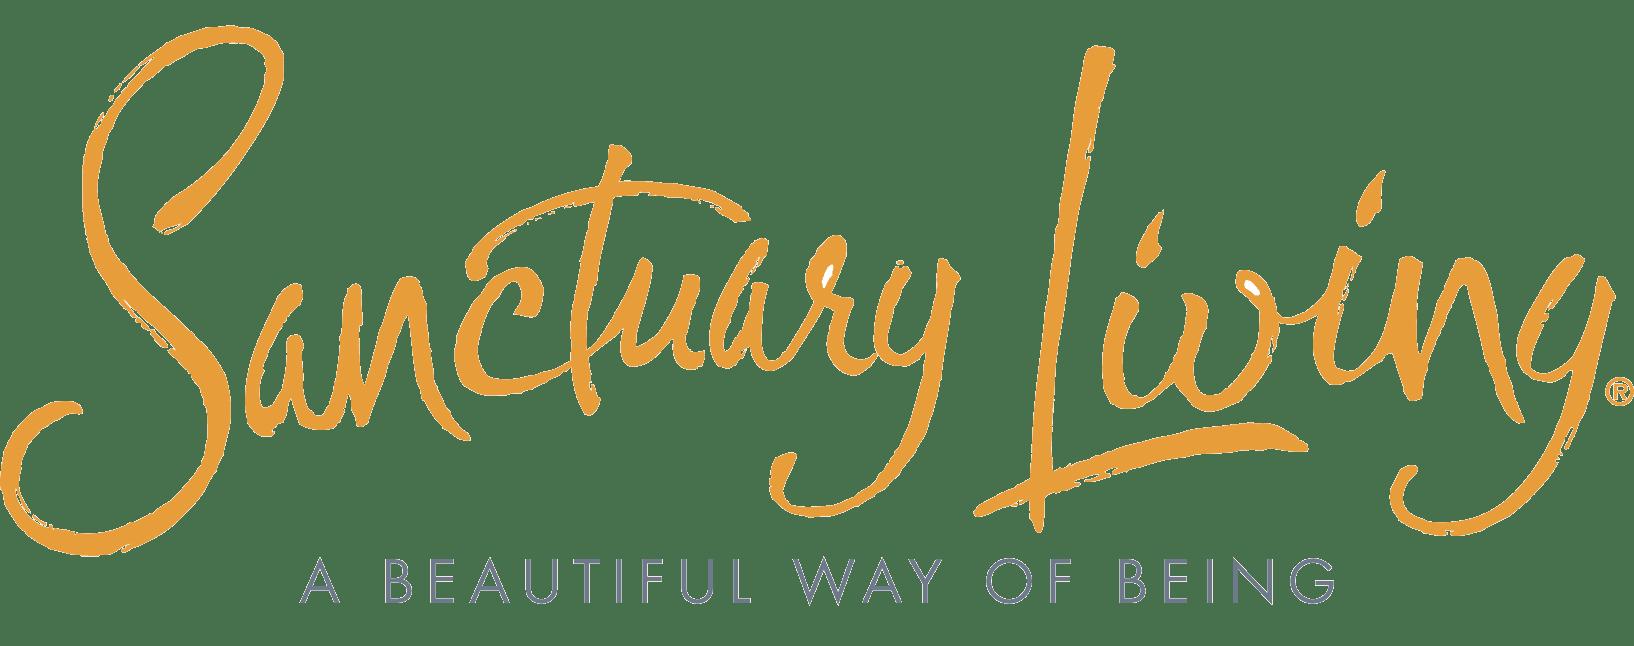 Sanctuary Living